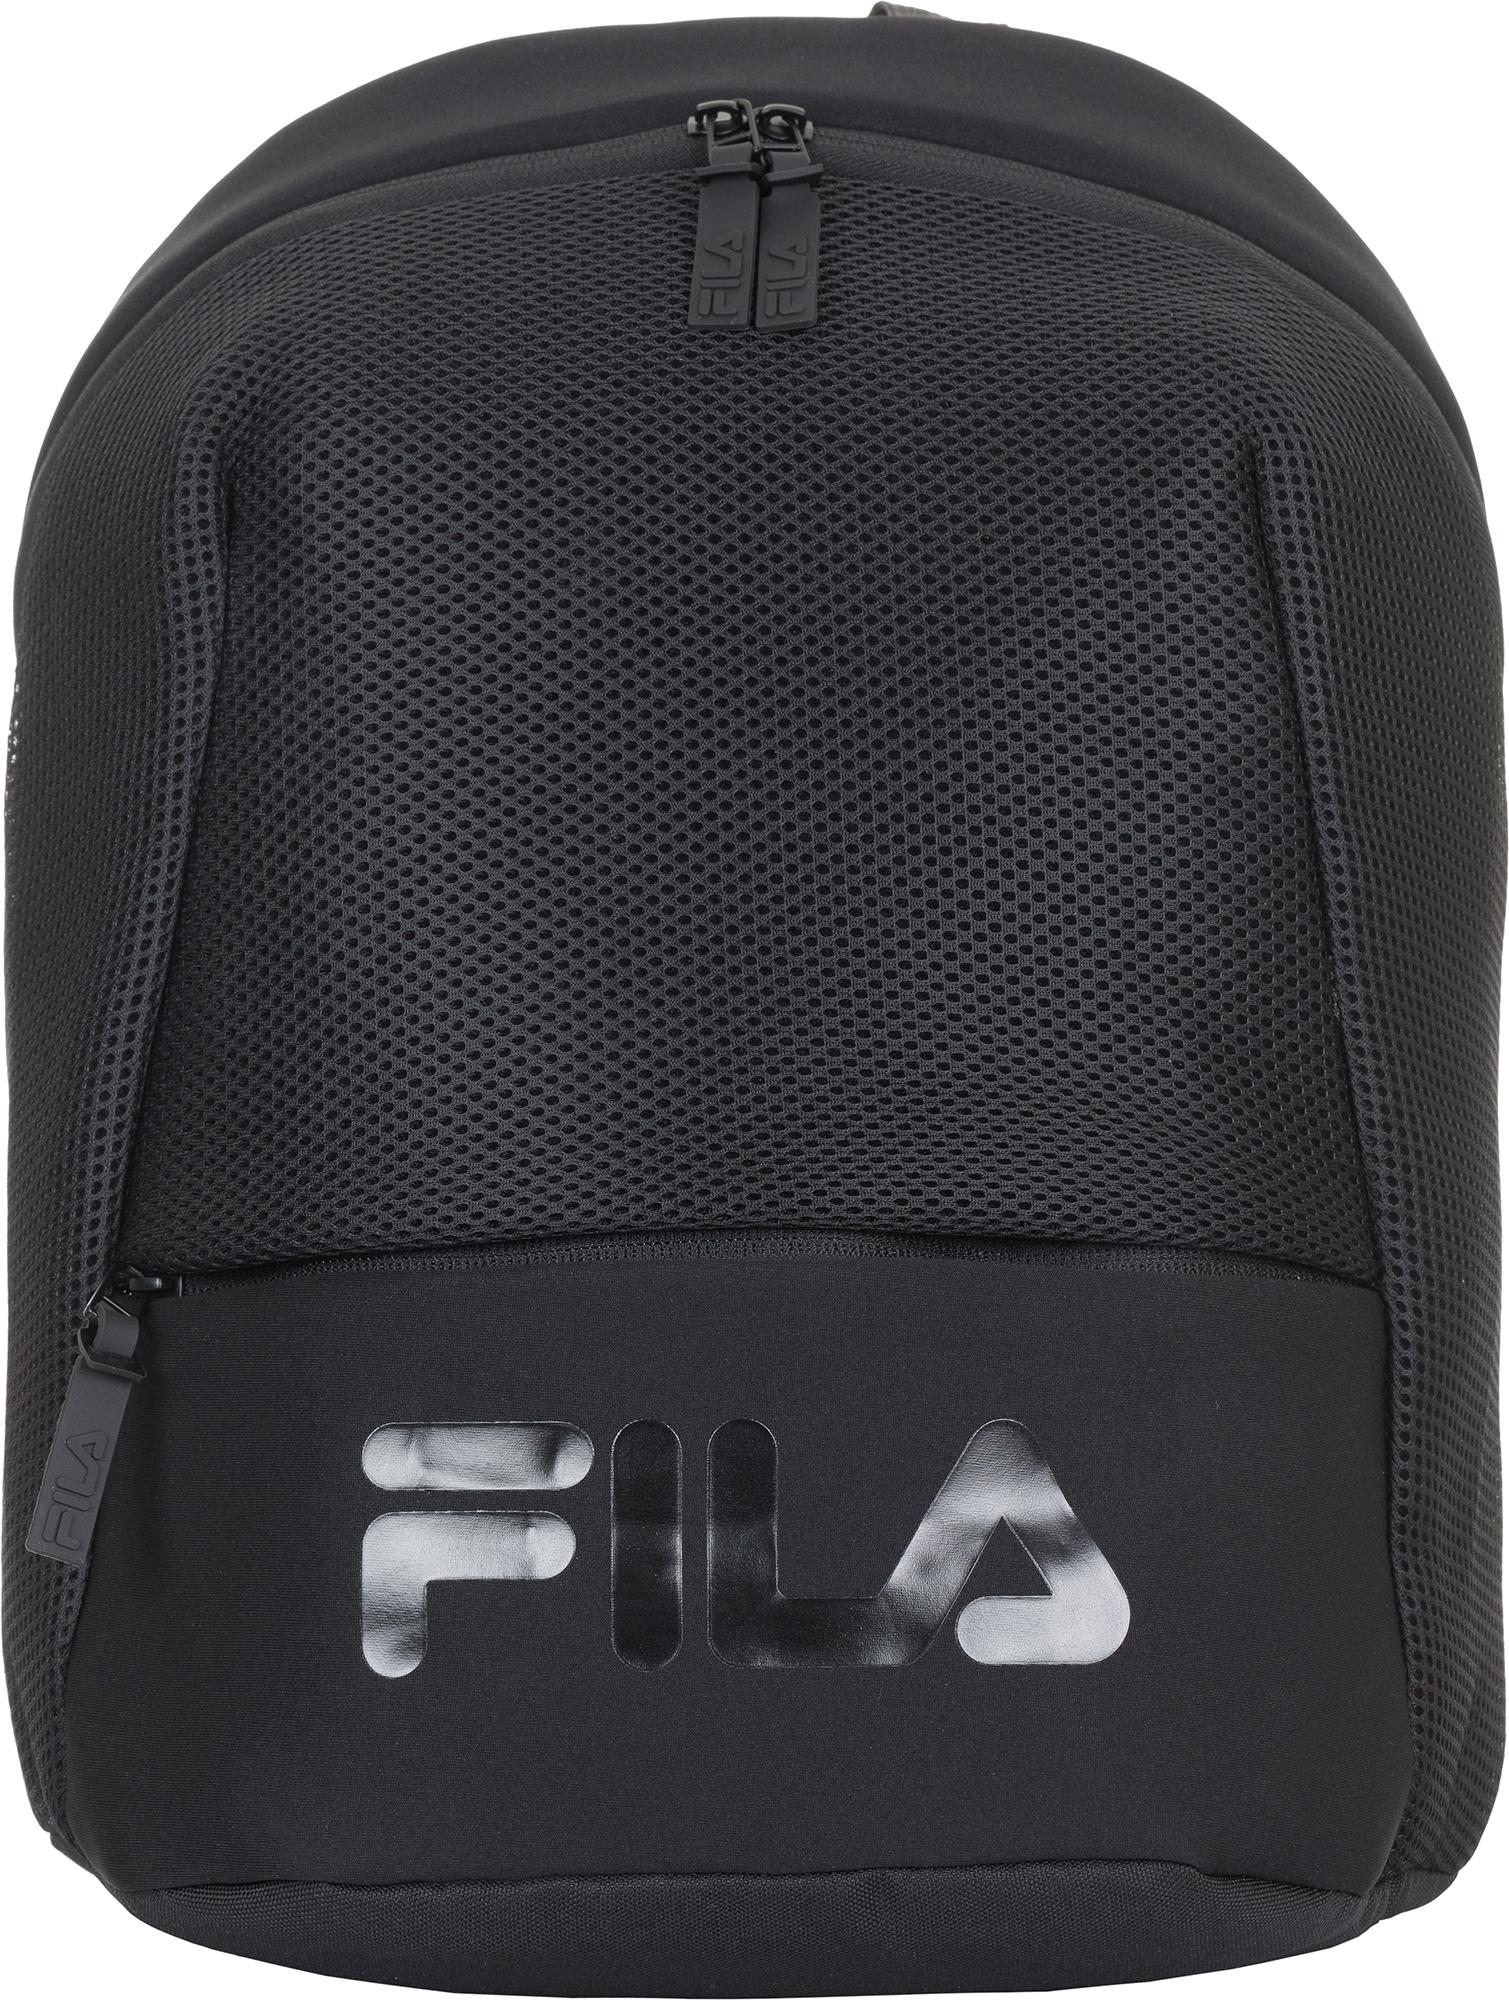 Fila Рюкзак Fila, размер Без размера рюкзак fila f3bpx007 2014